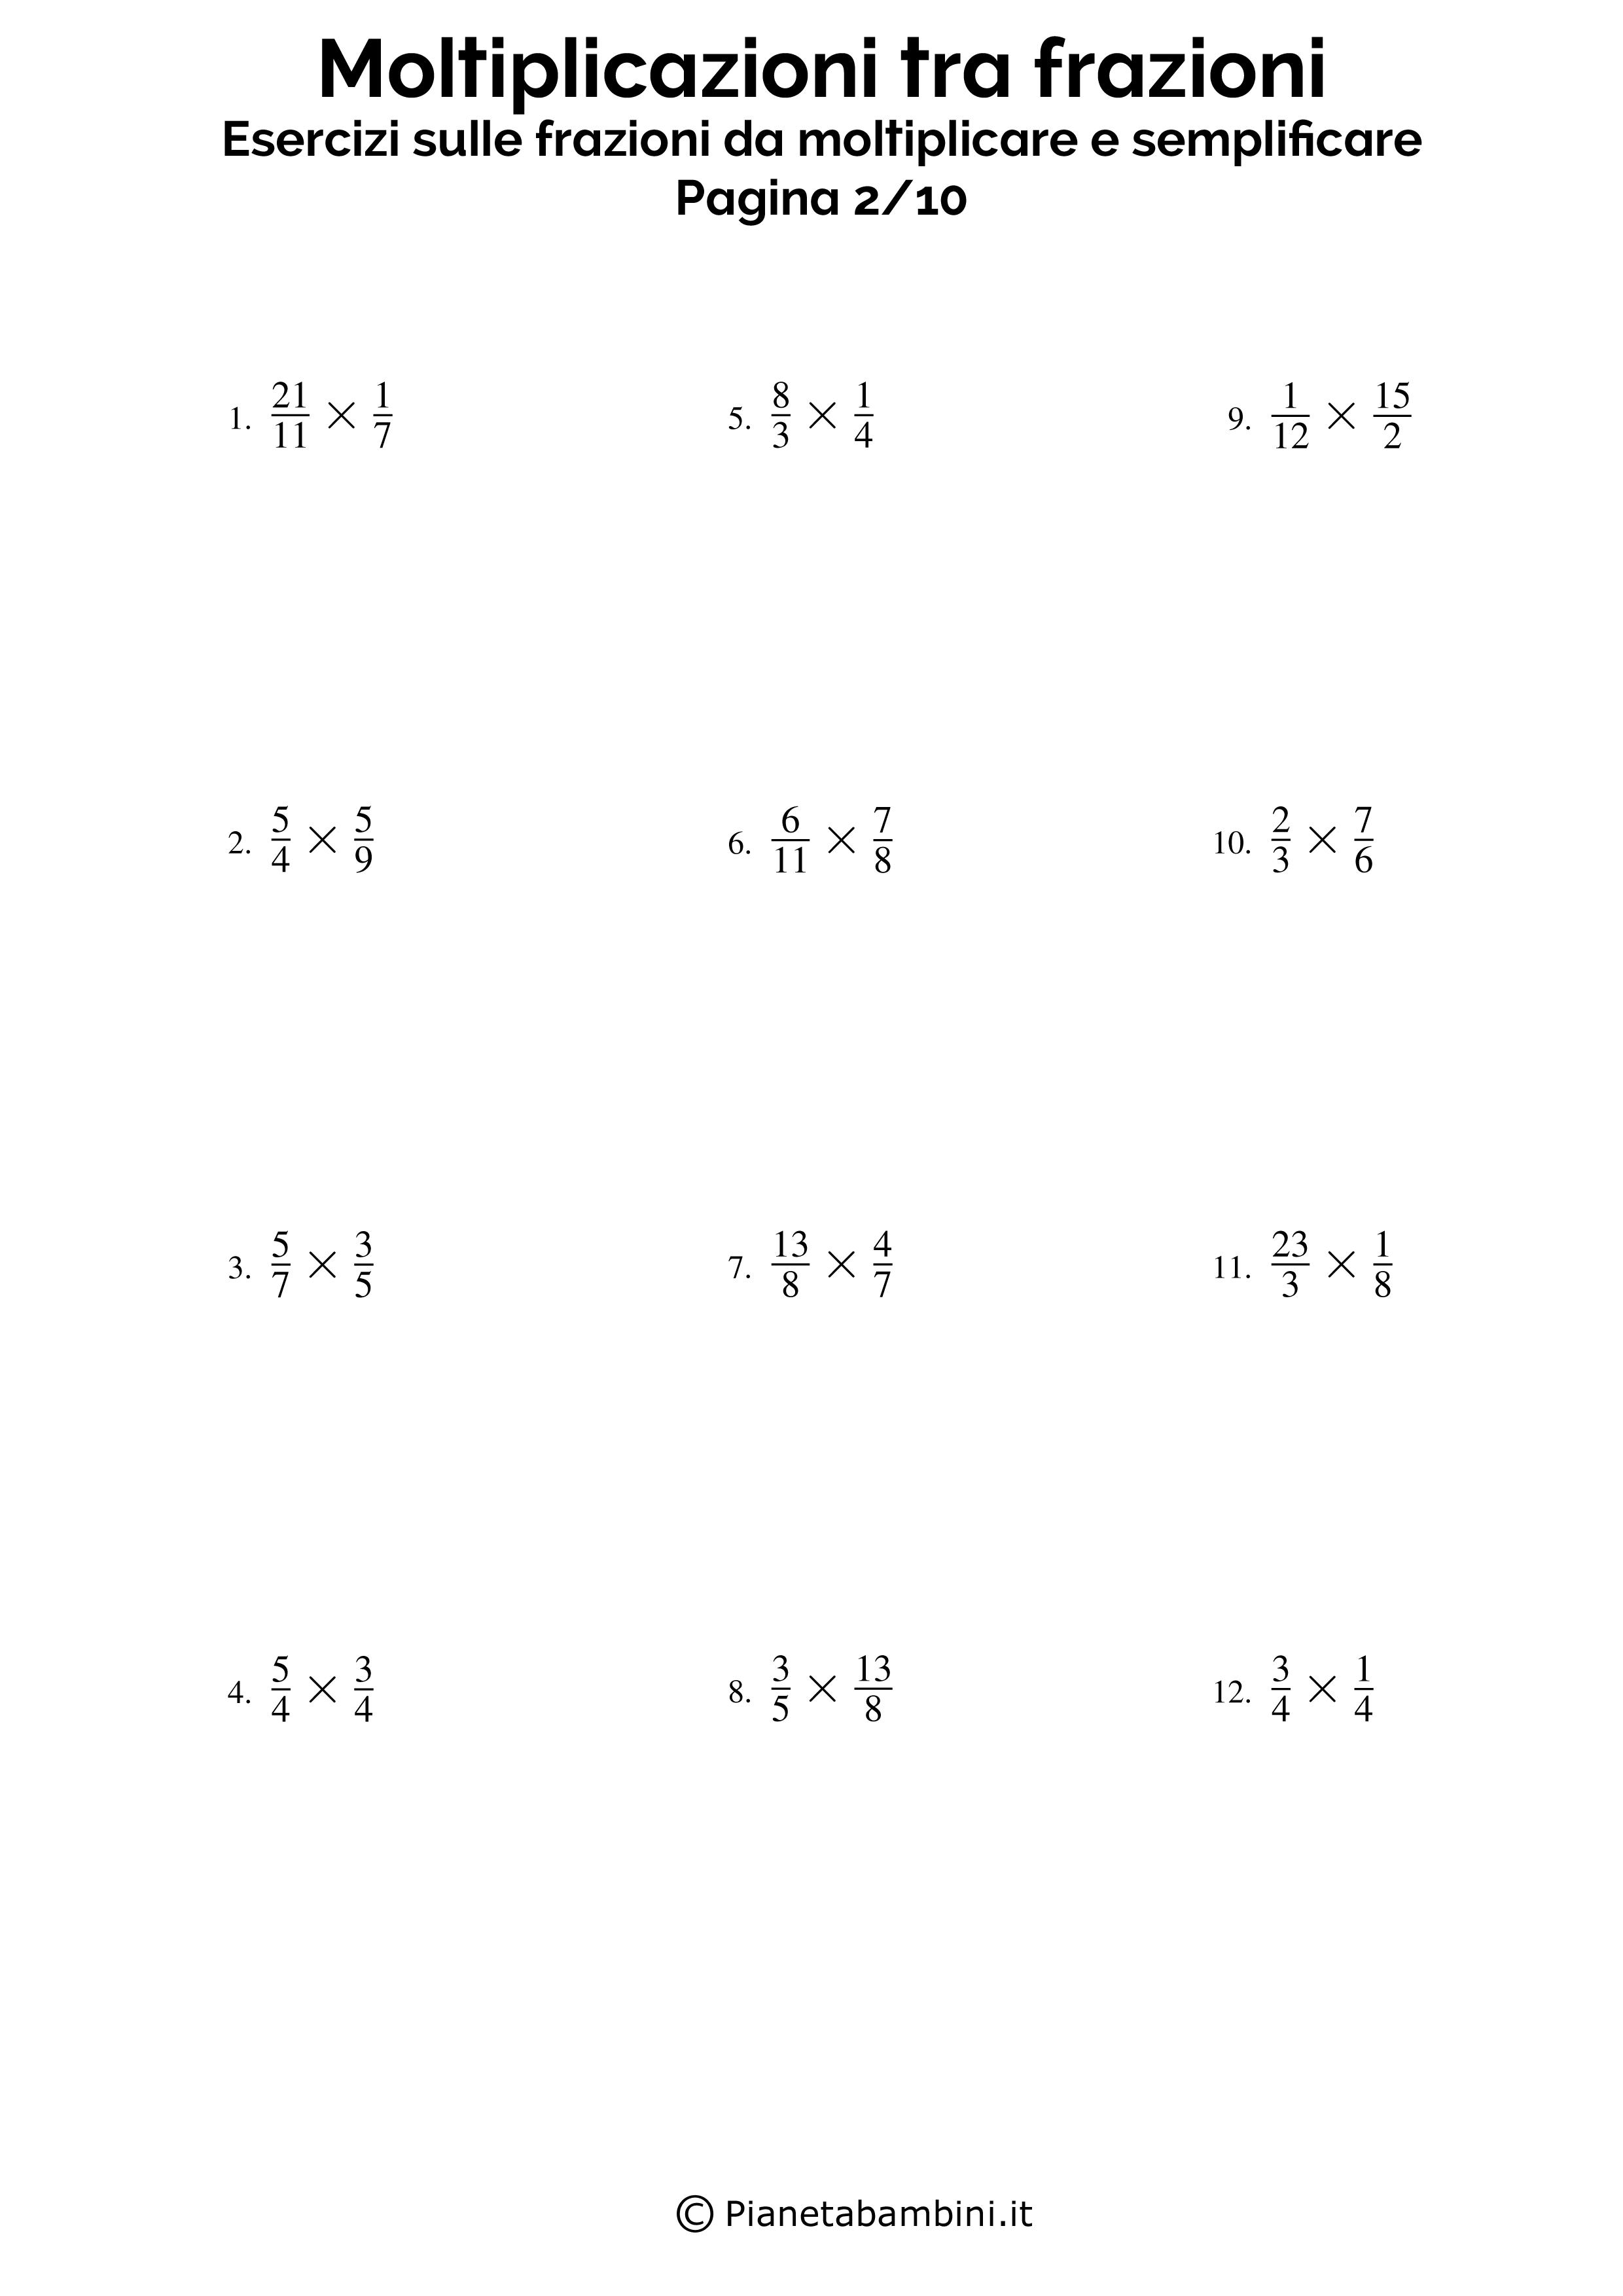 Frazioni-Moltiplicare-Semplificare_02